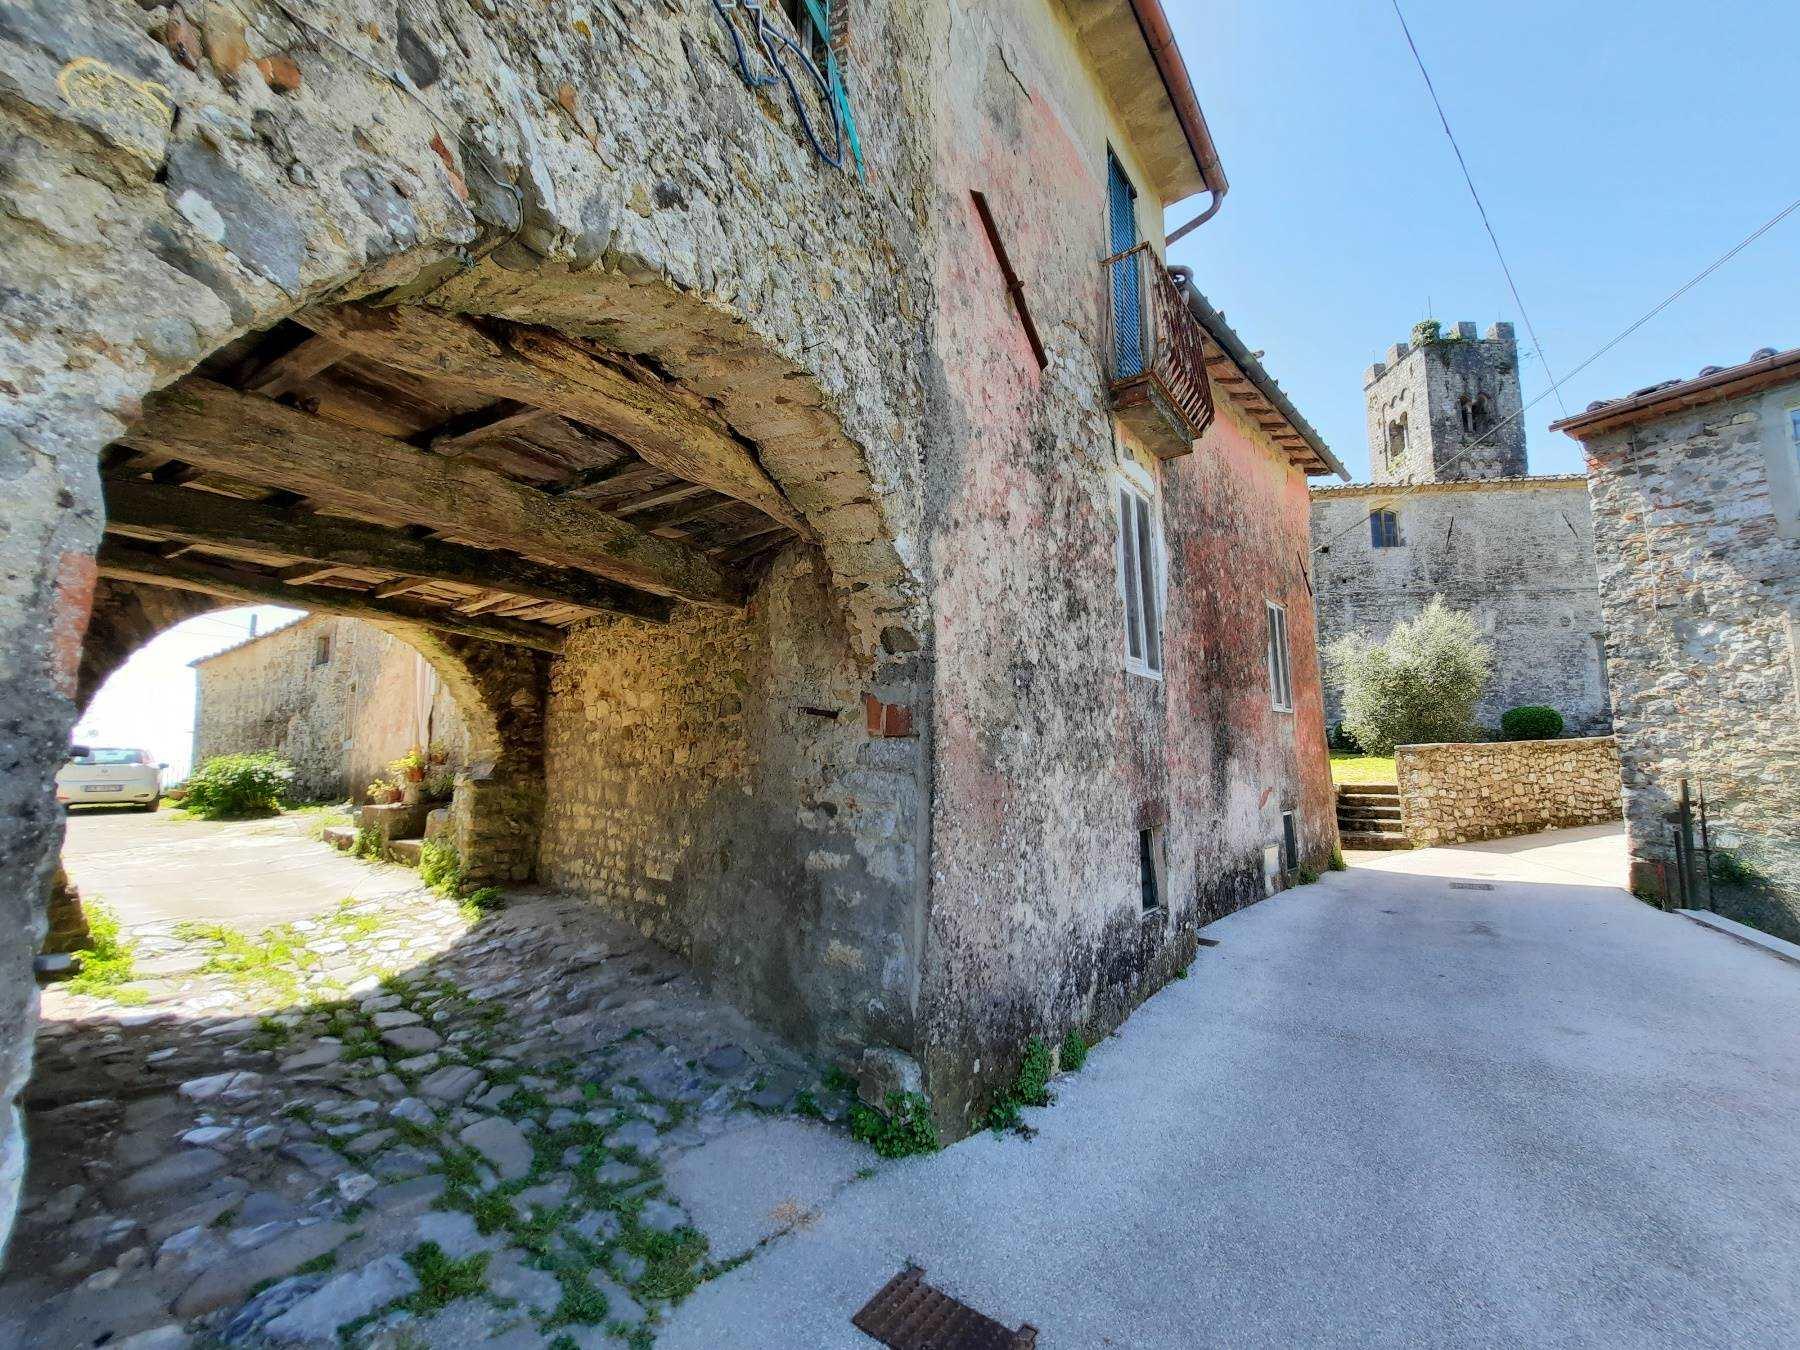 L'antica volta - The ancient vault